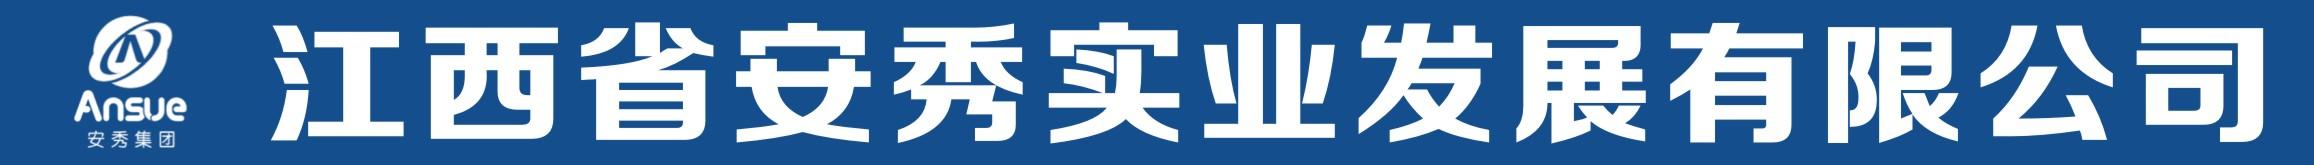 江西省安秀实业发展有限公司